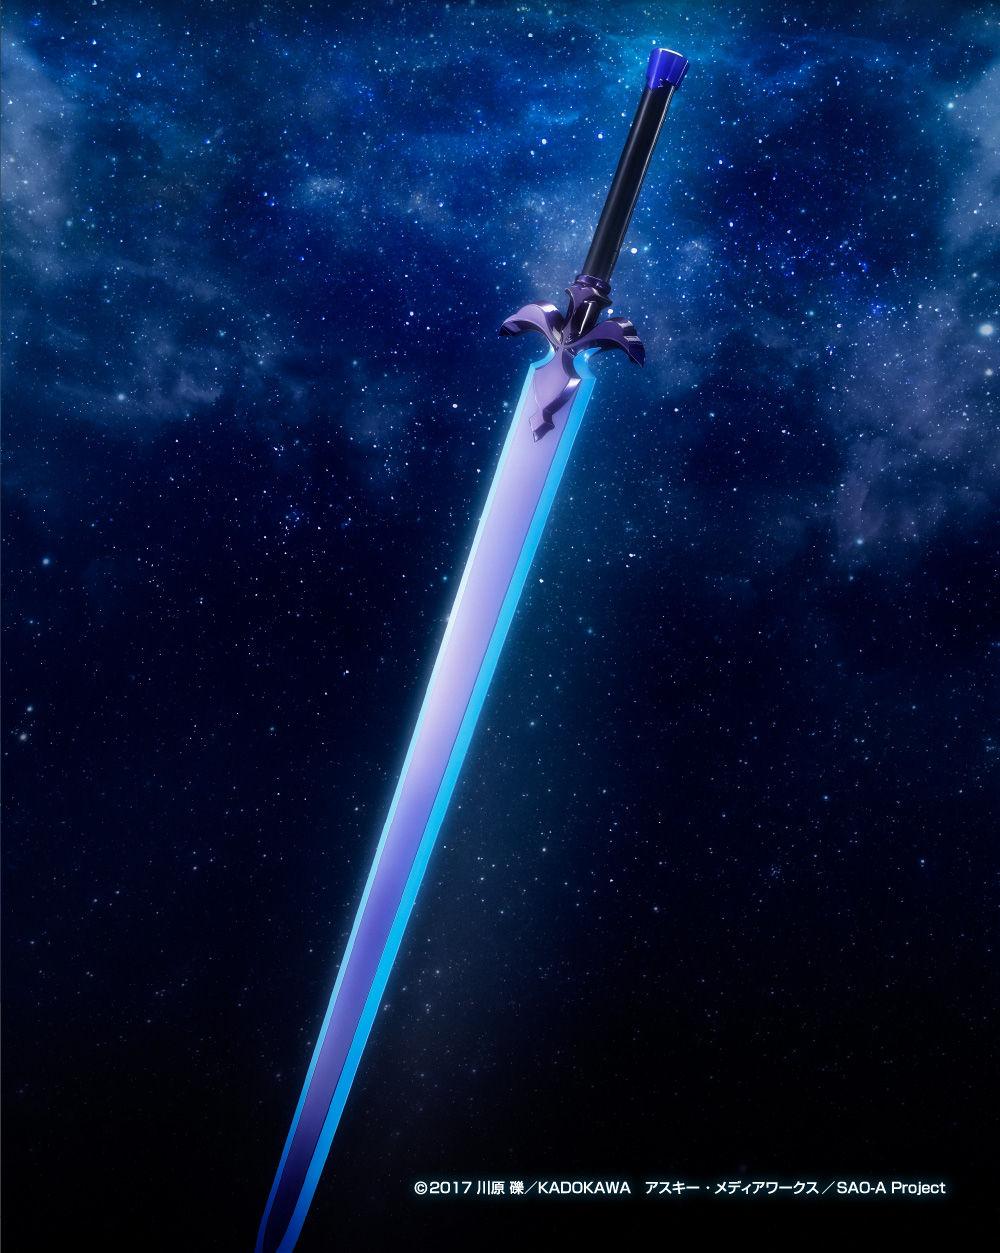 【限定販売】PROPLICA 『夜空の剣』ソードアート・オンライン 変身なりきり-001